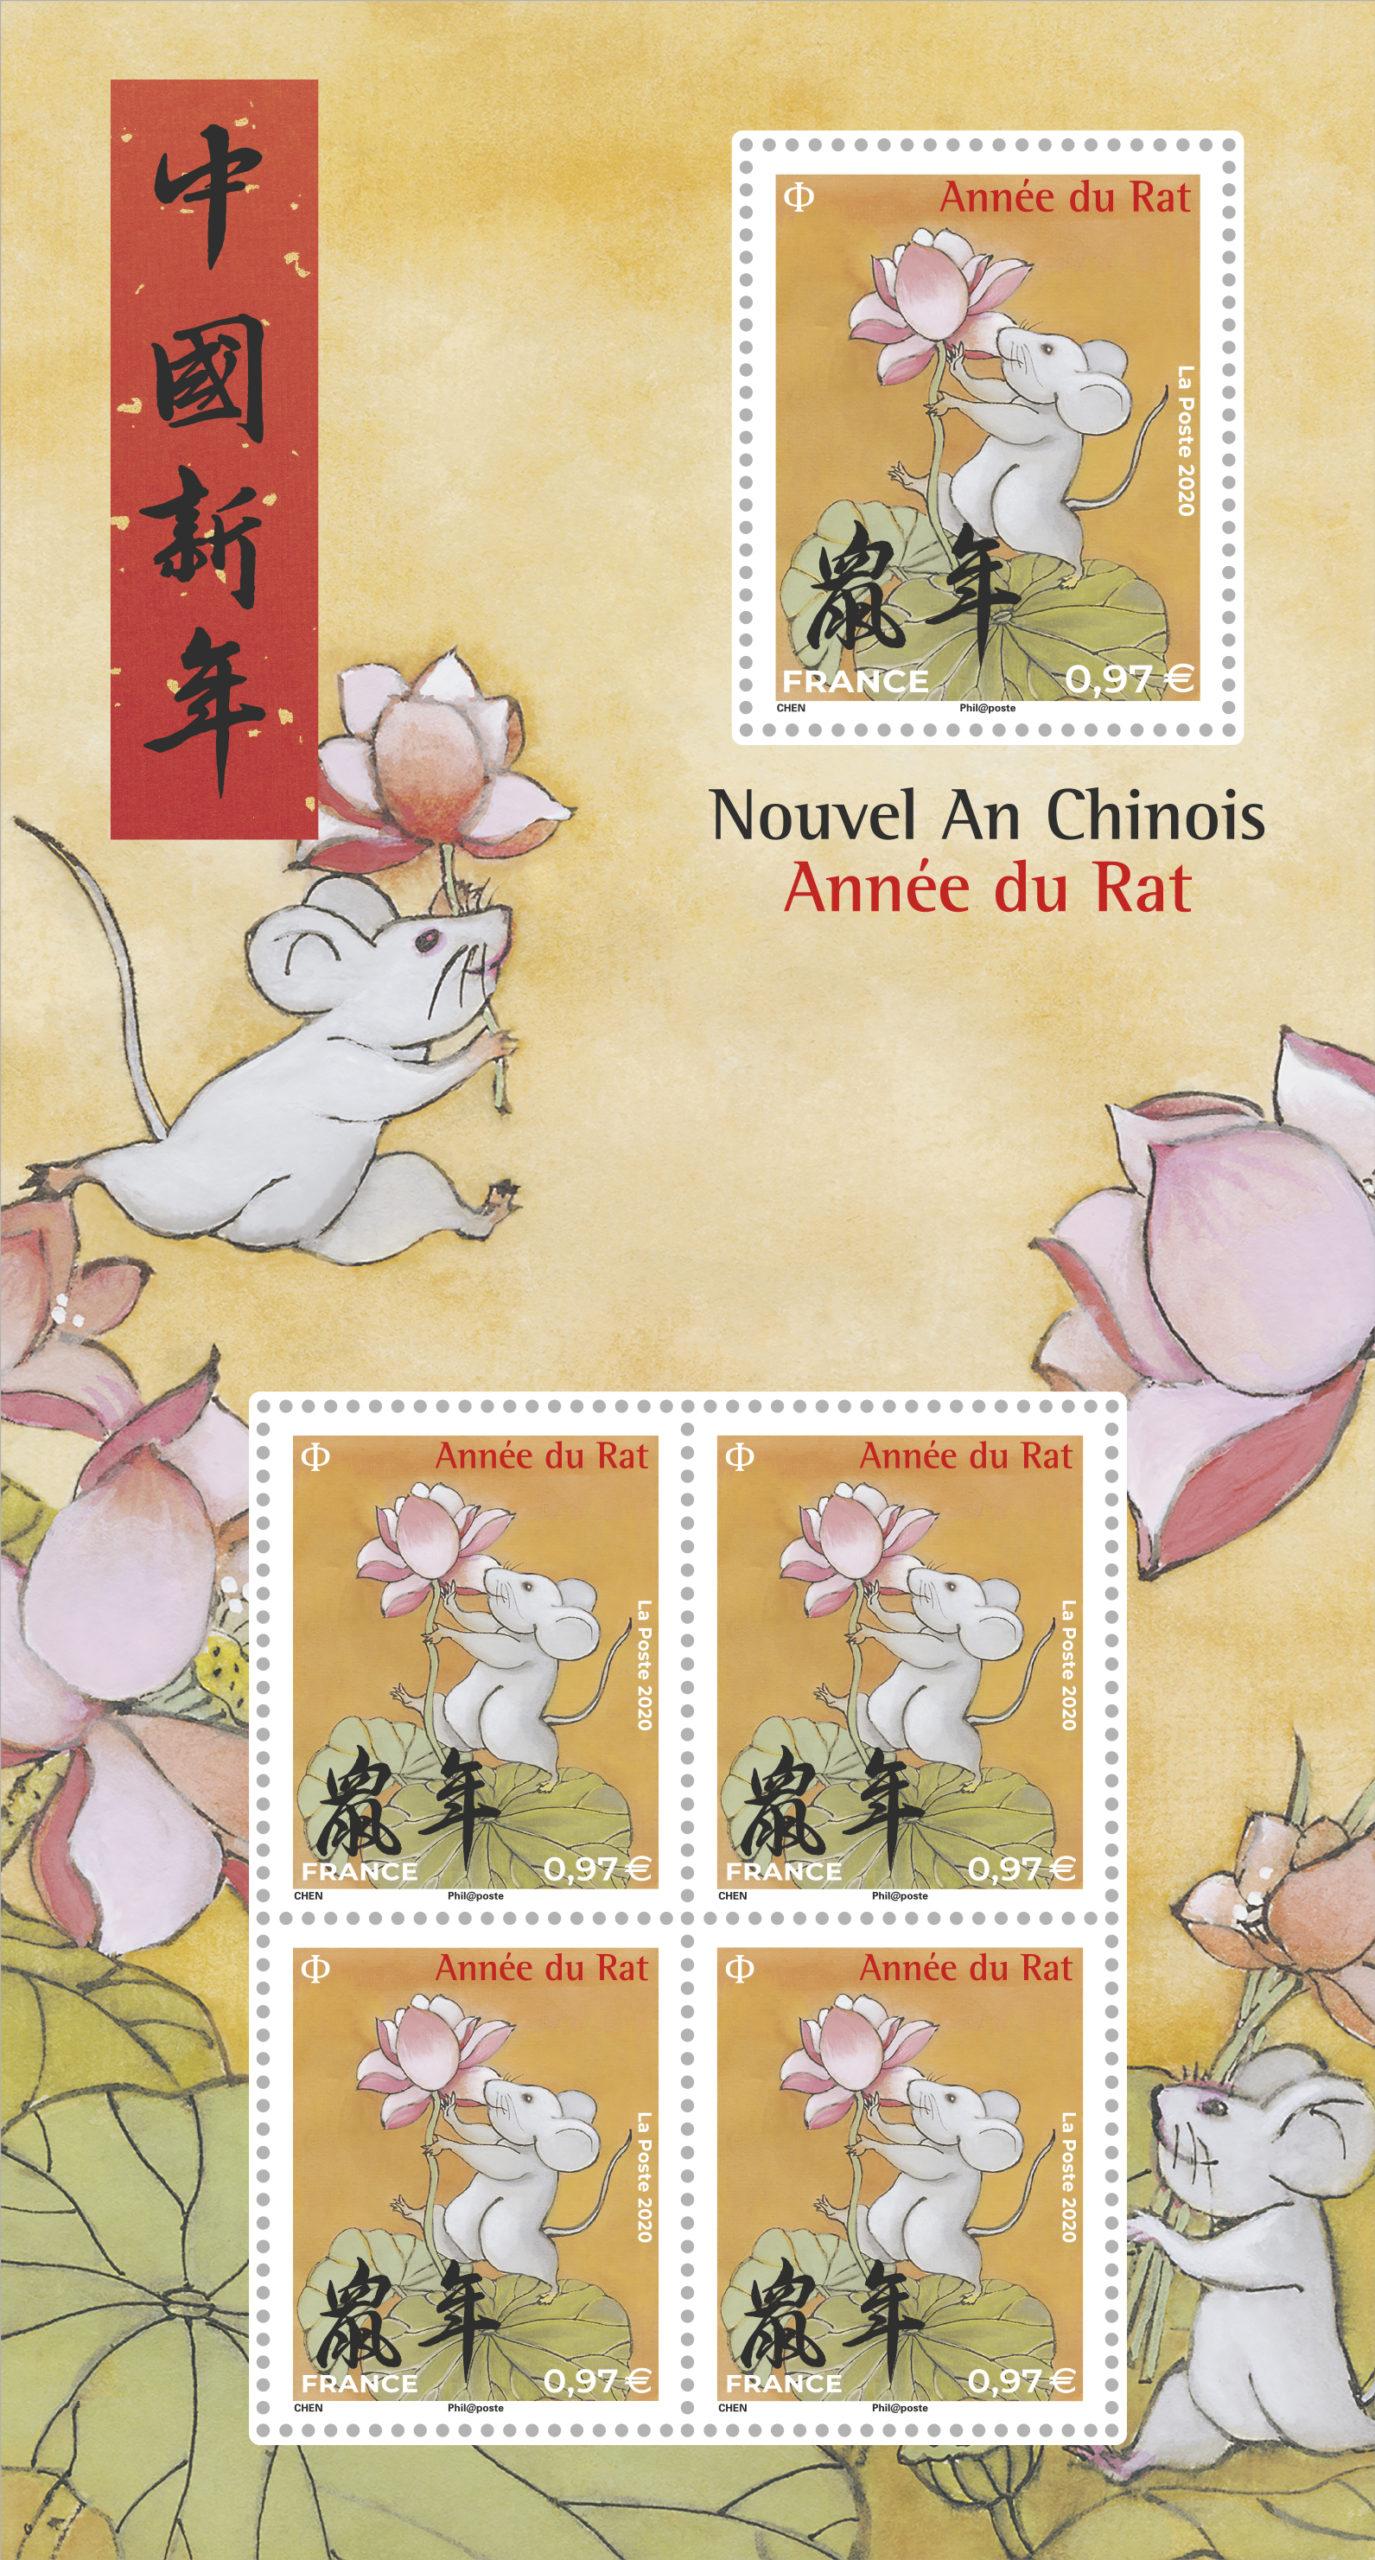 Nouvel An Chinois – Année du Rat LOTUS